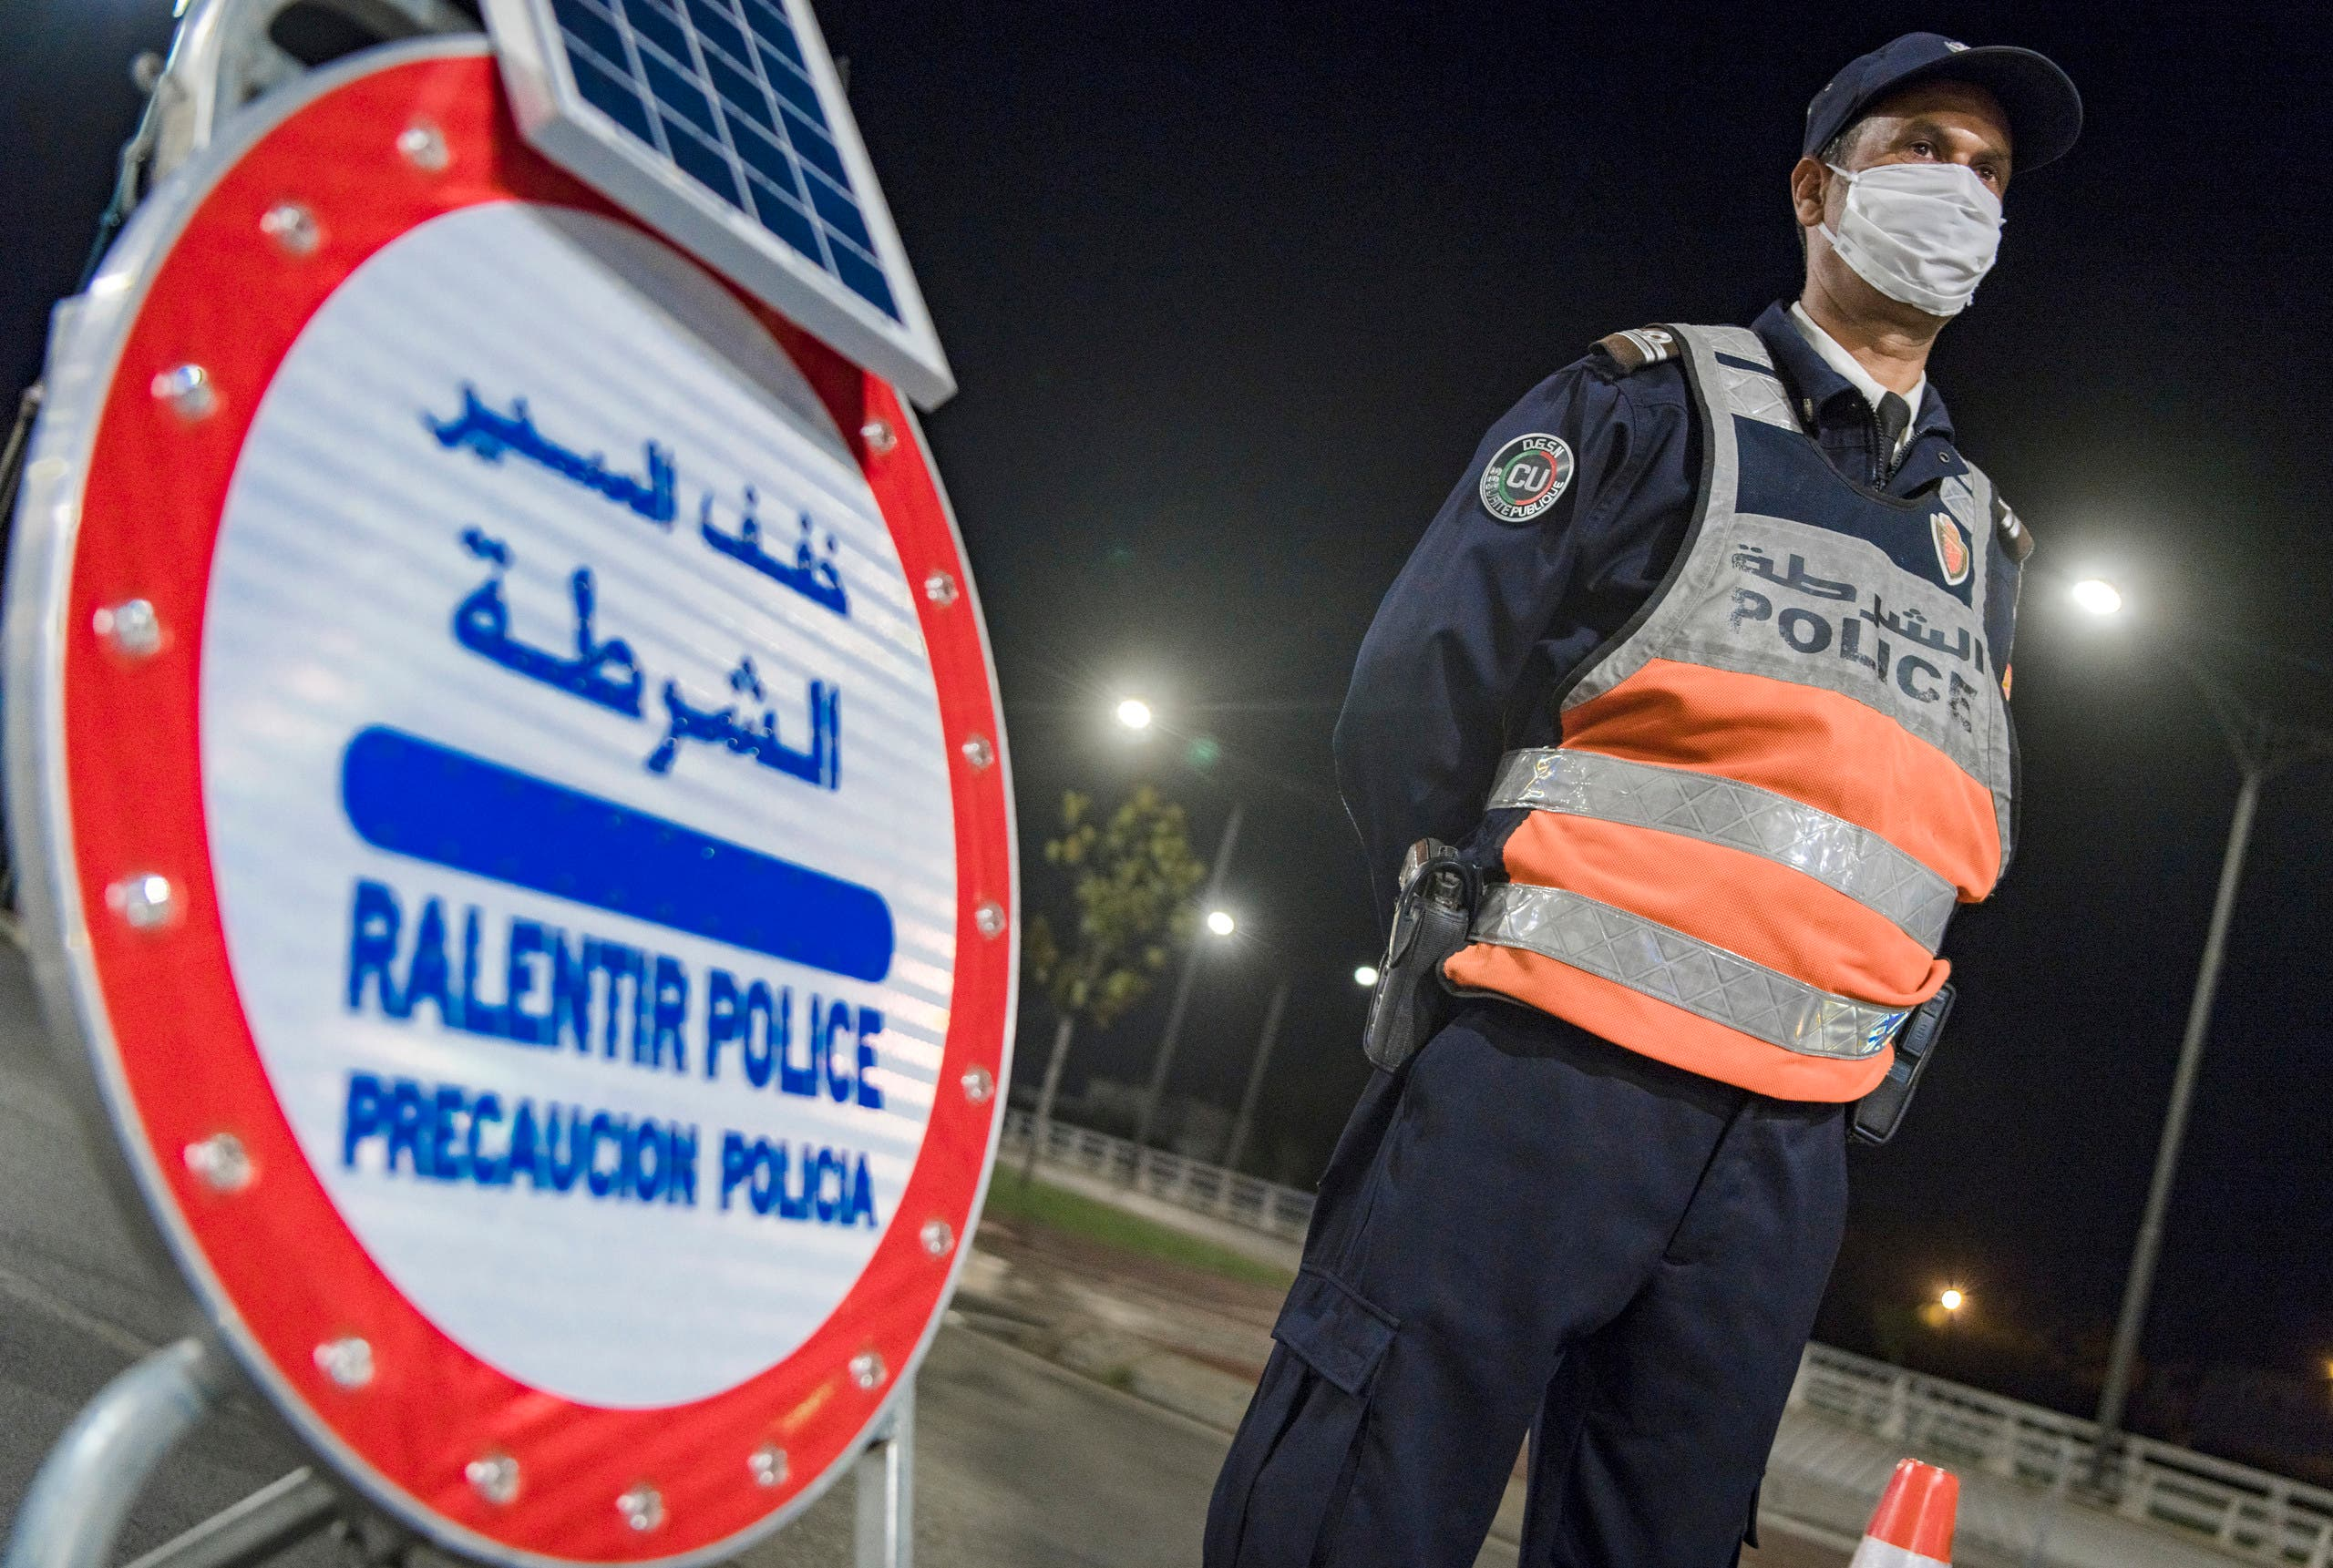 الشرطة المغربية تراقب حظر التجول الليلي في الرباط